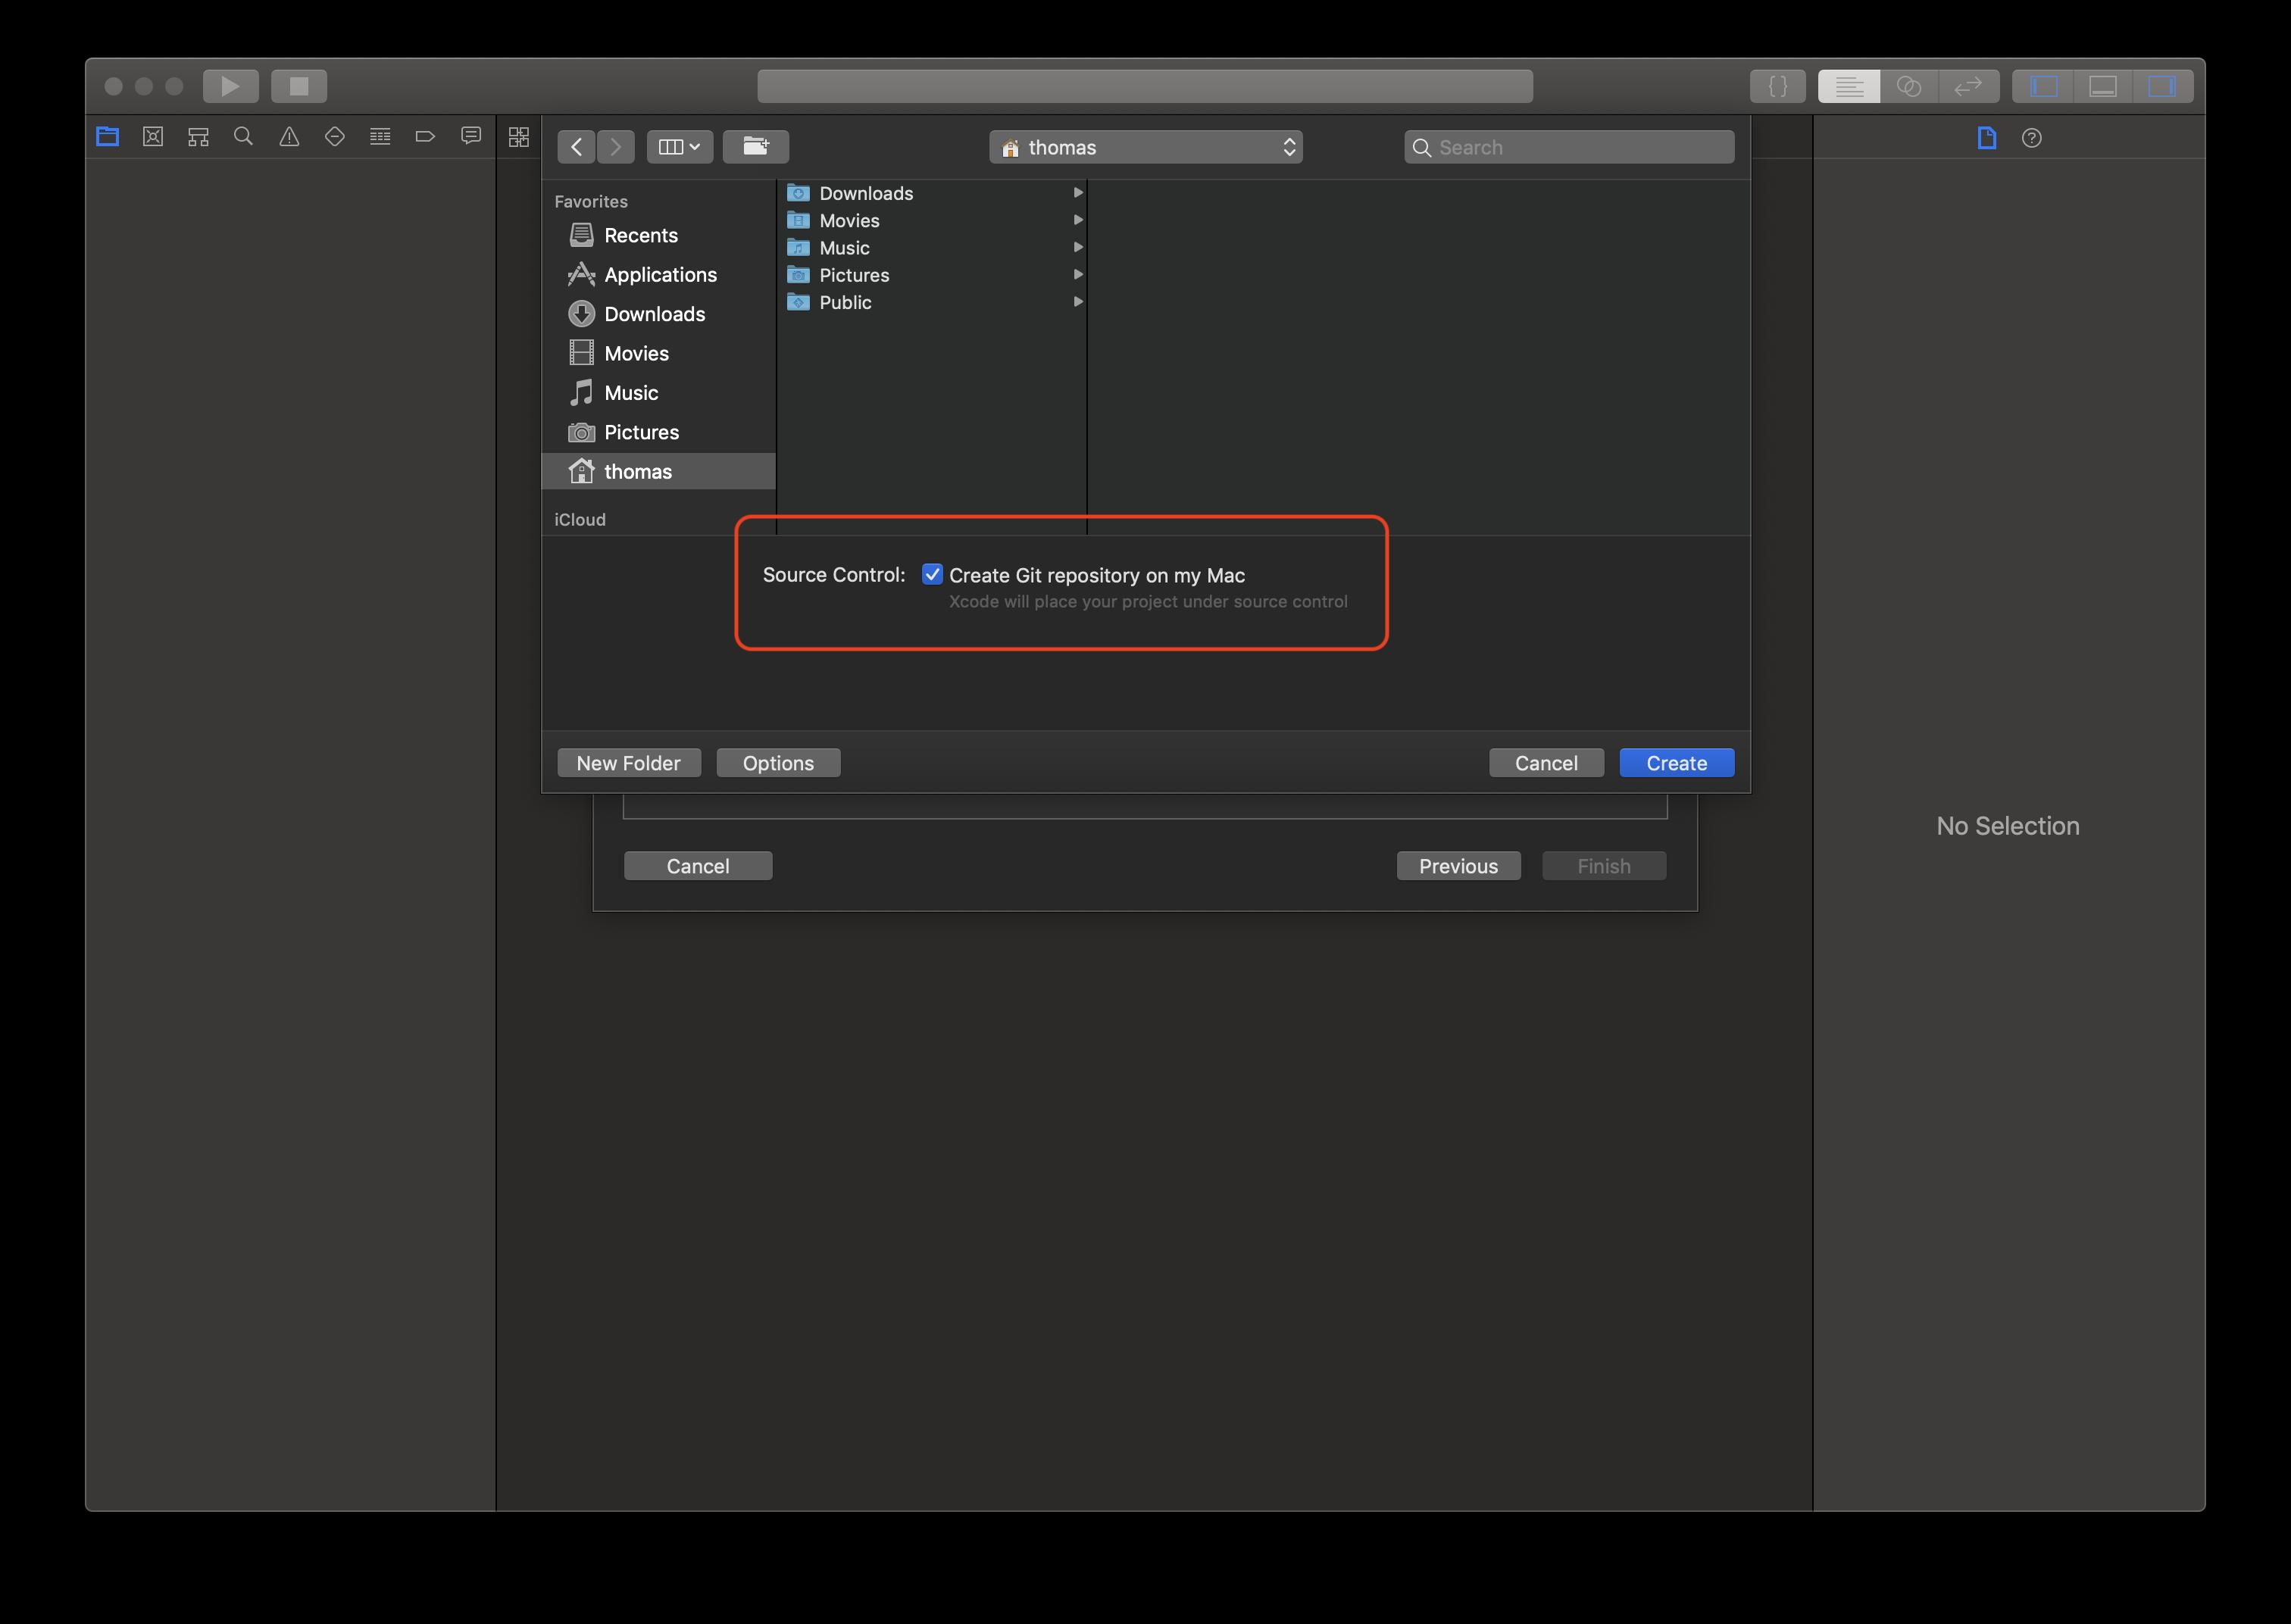 Über die hervorgehobene Checkbox lässt sich ein neues Xcode-Projekt direkt mit einem zugehörigen Git-Repository erstellen.